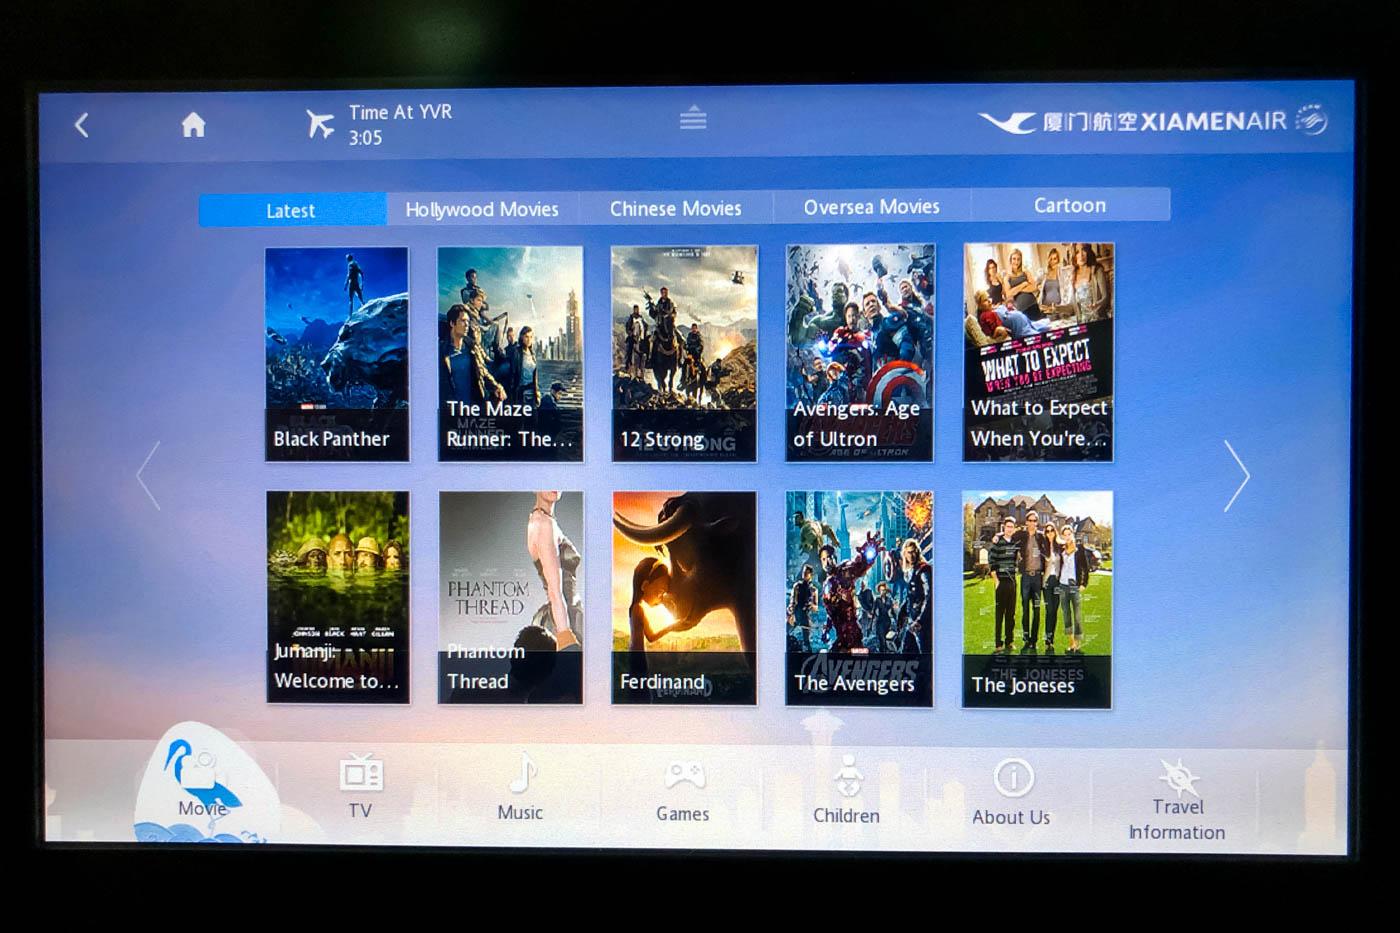 Xiamen Air Movies